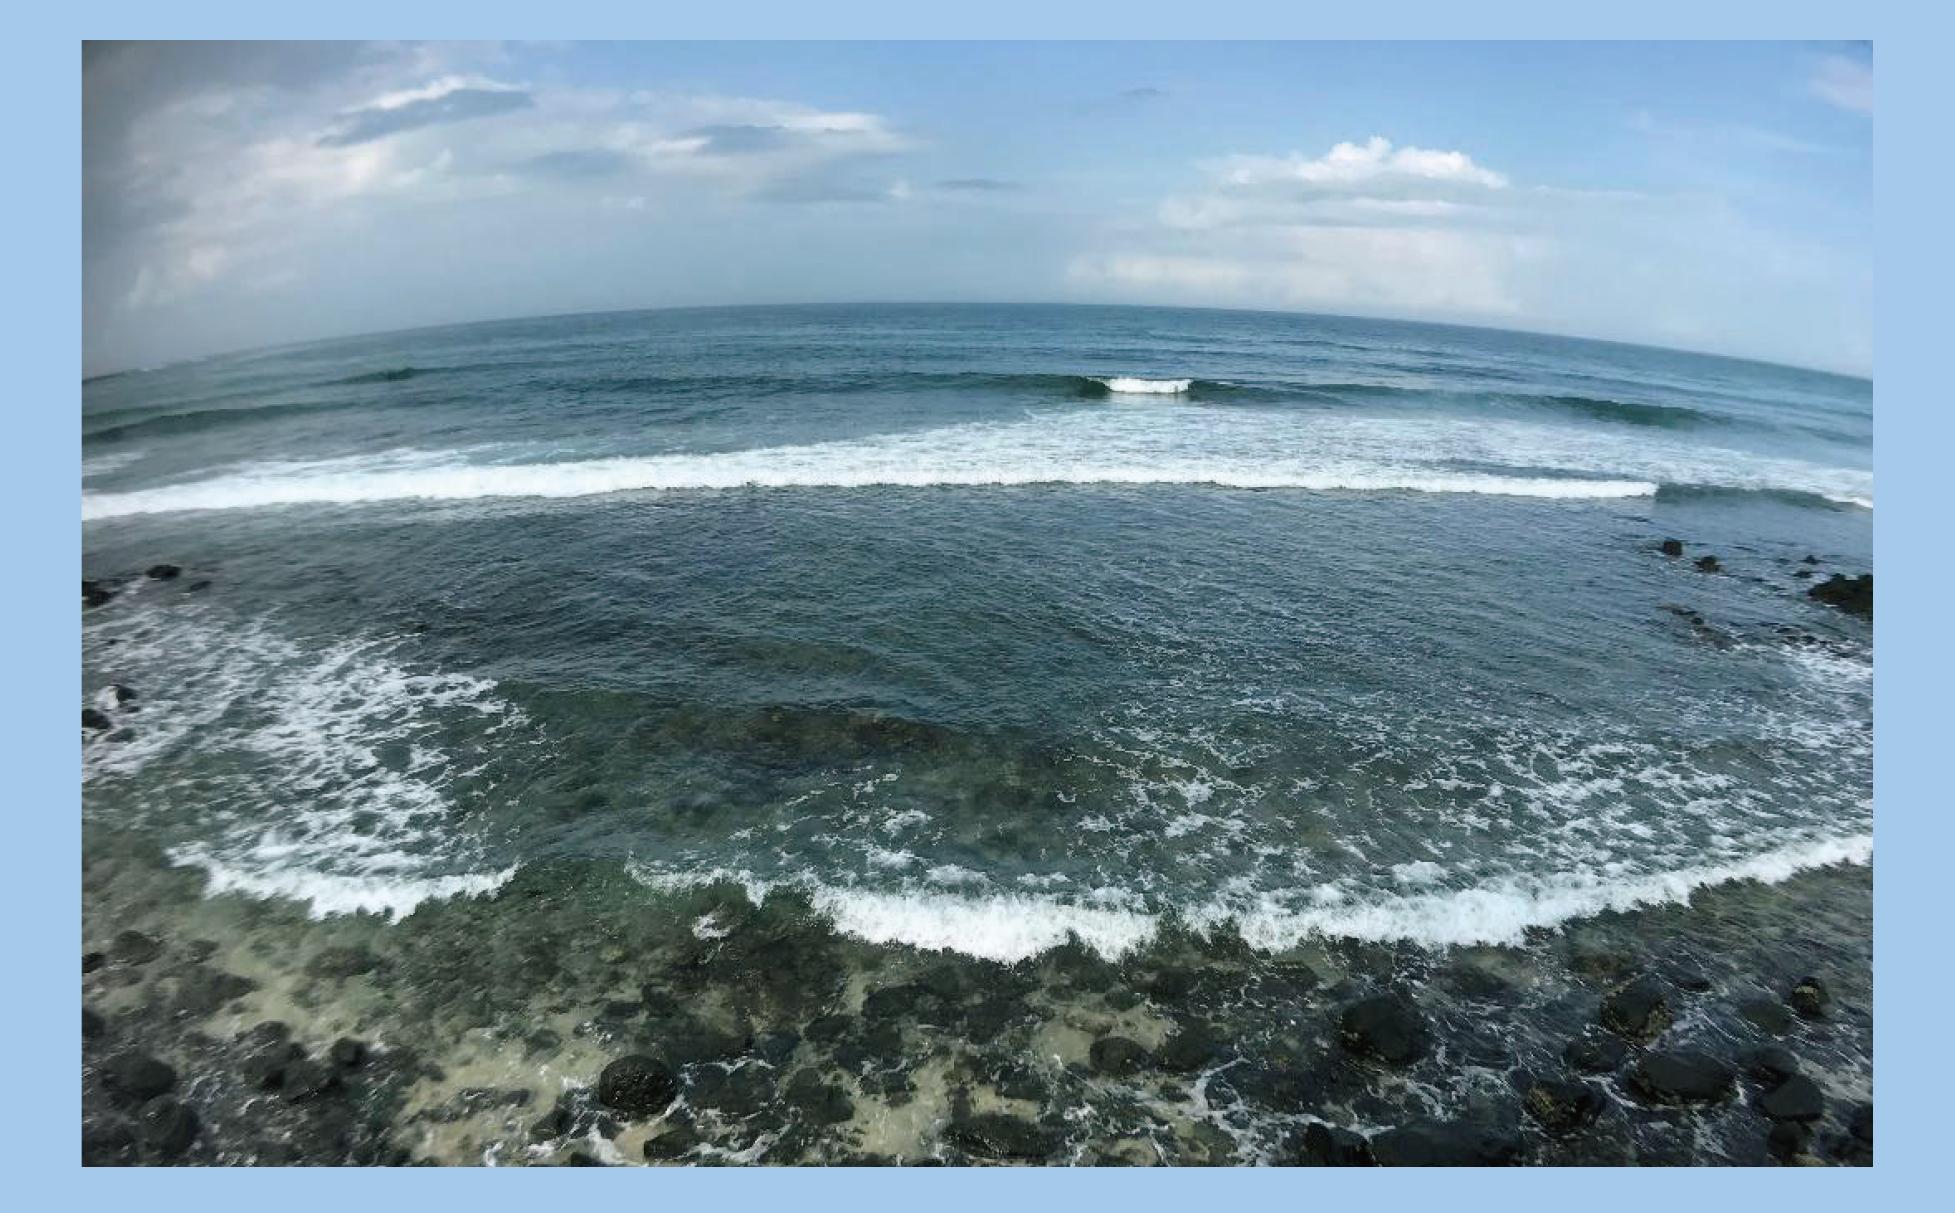 七美島美麗海岸線。